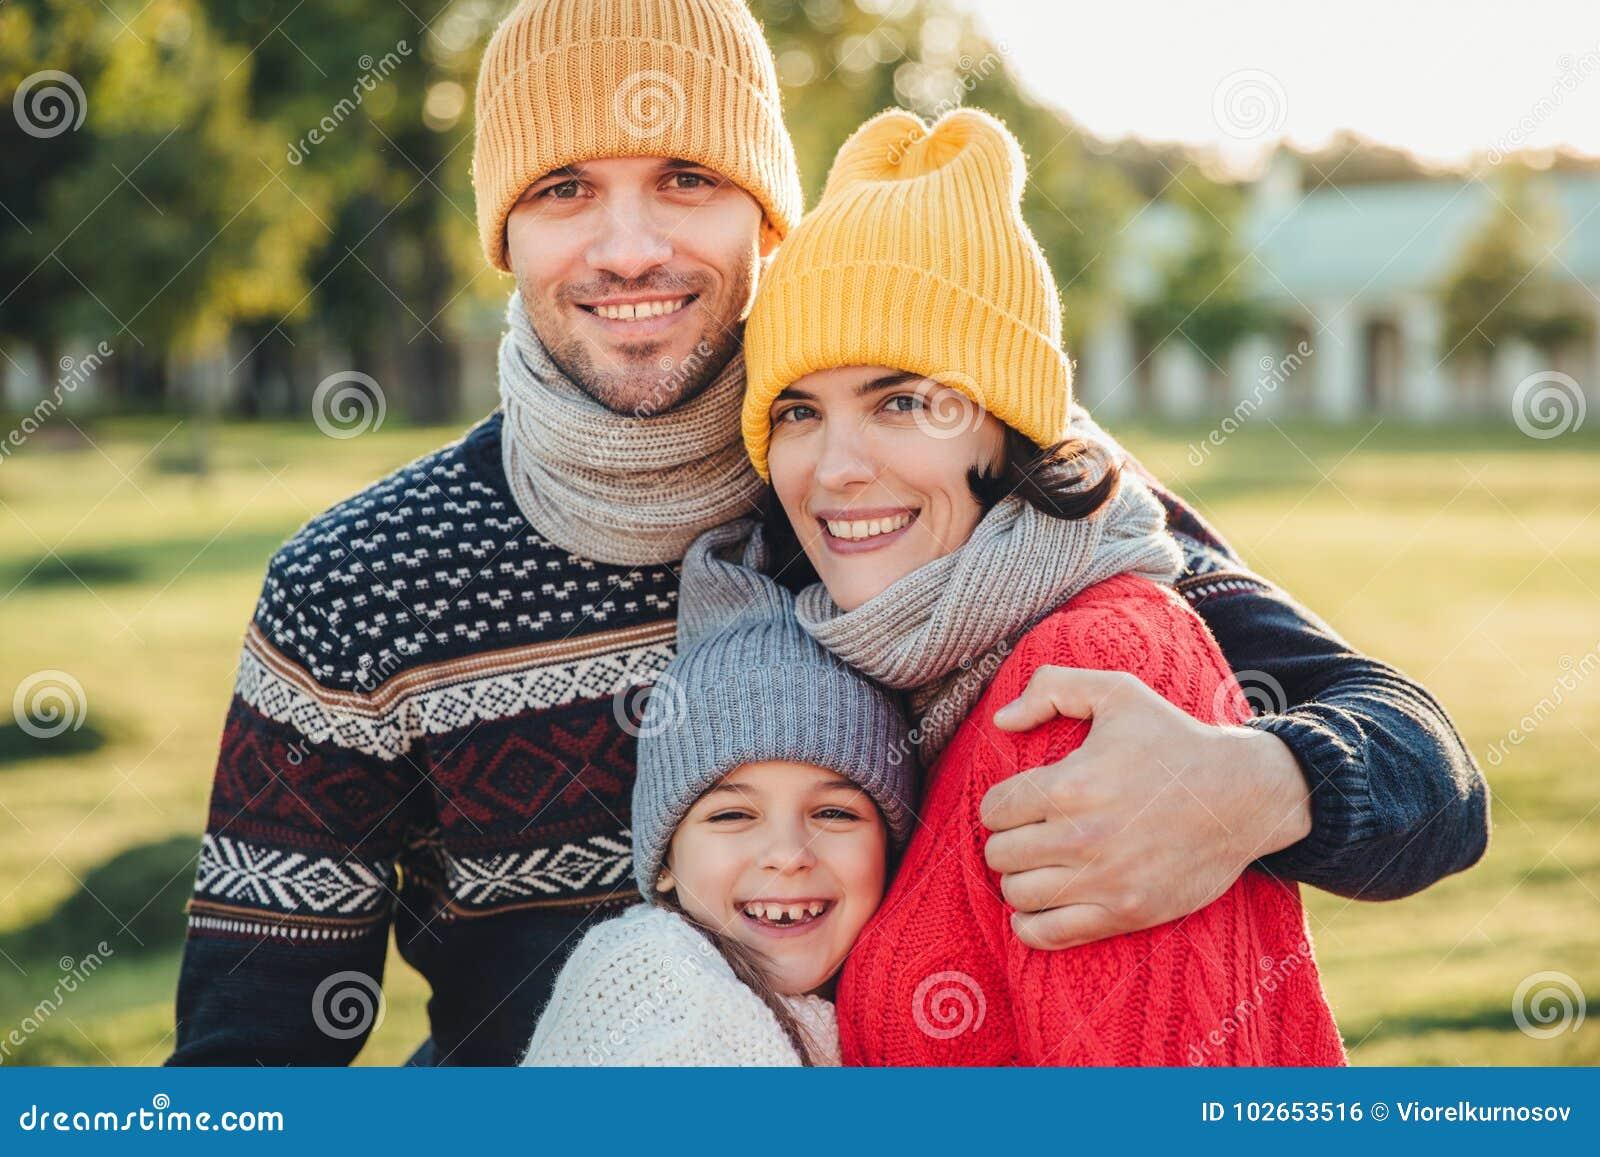 O suporte adorável da criança pequena perto de seus pais afetuosos, aprecia passar o tempo junto, abraça-se, sorriso felizmente,